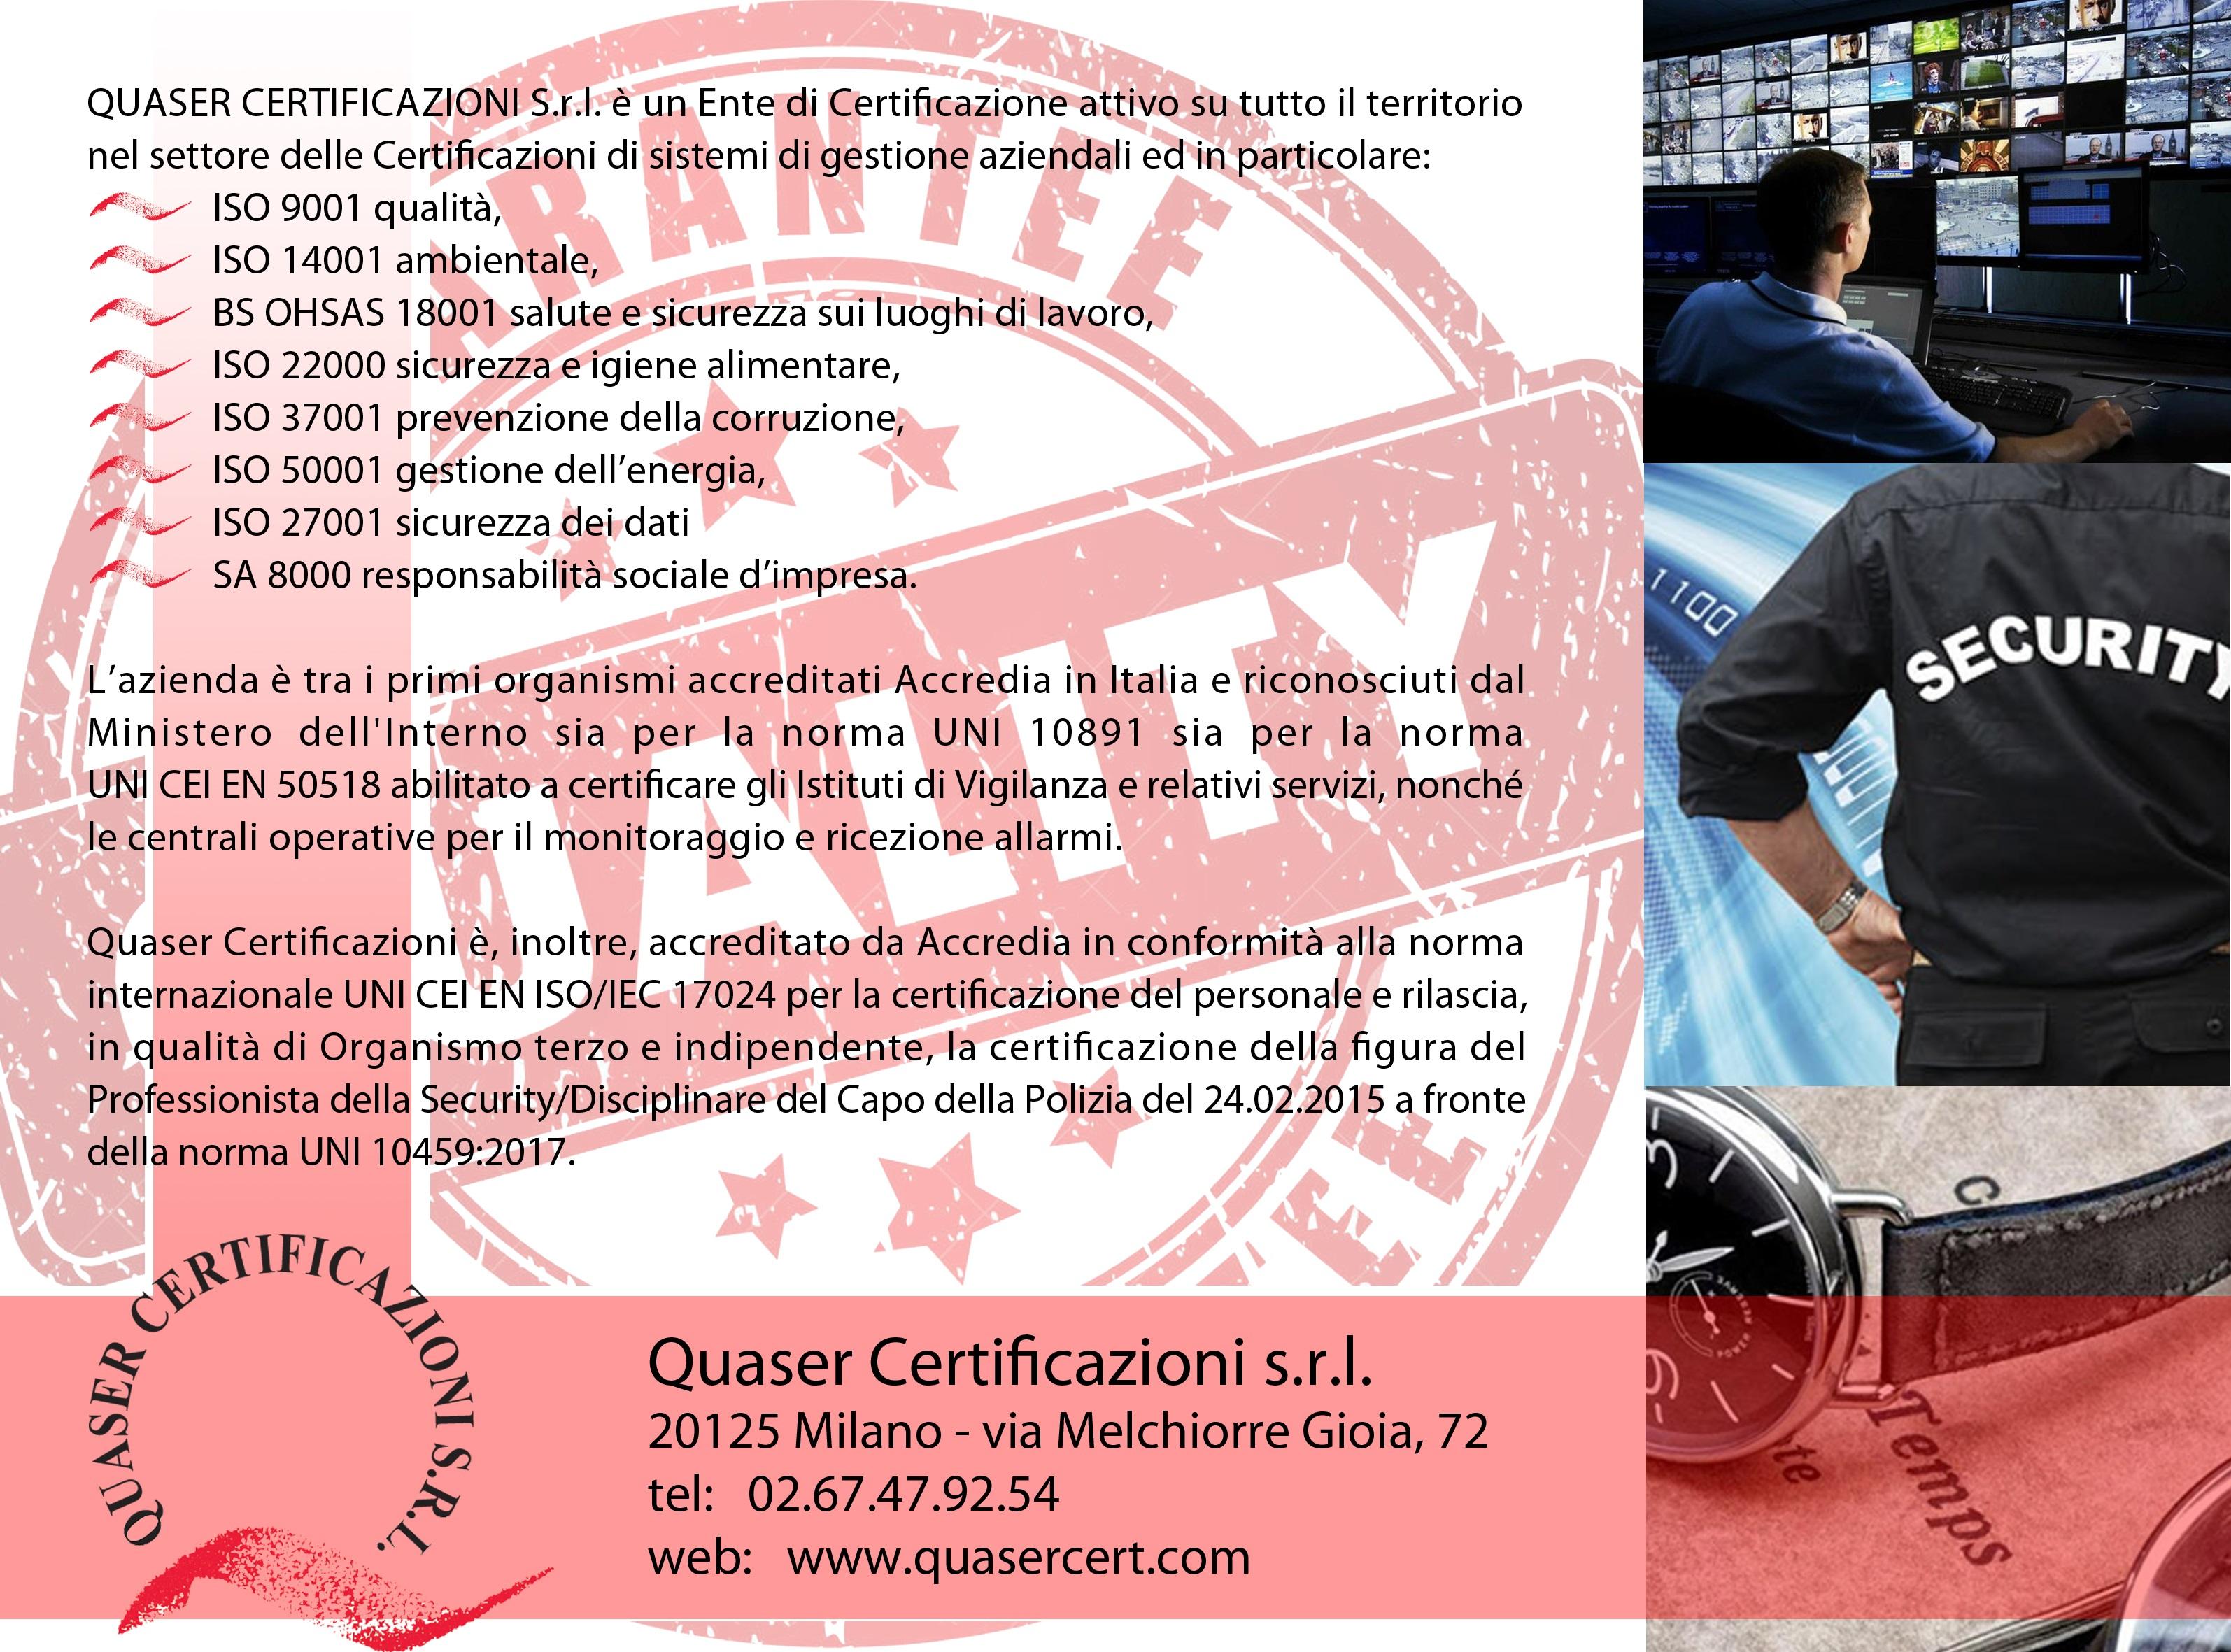 QUASER CERTIFICAZIONI – Ente di Certificazione